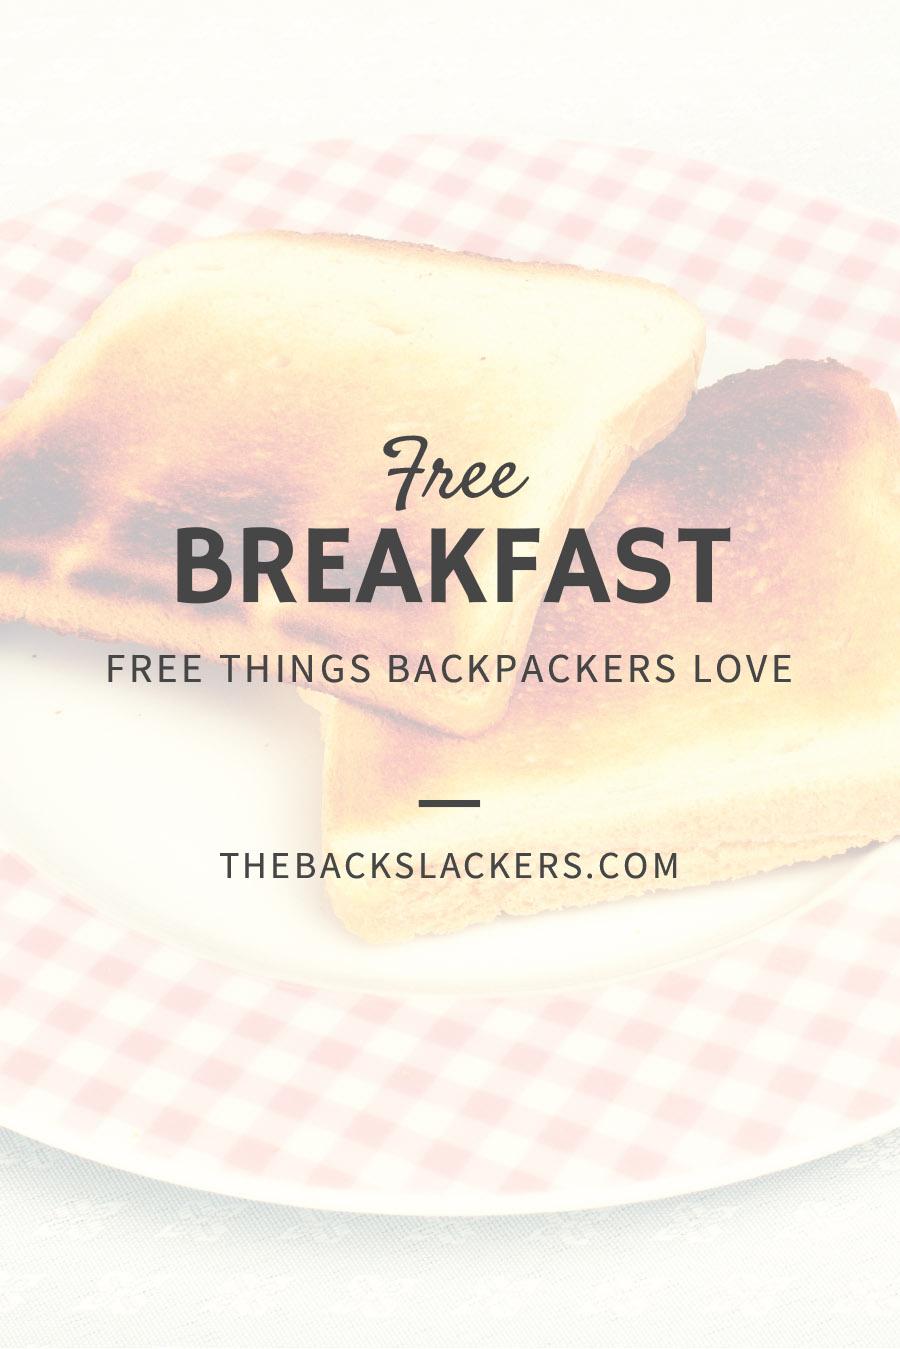 Free Things Backpackers Love - FREE BREAKFAST